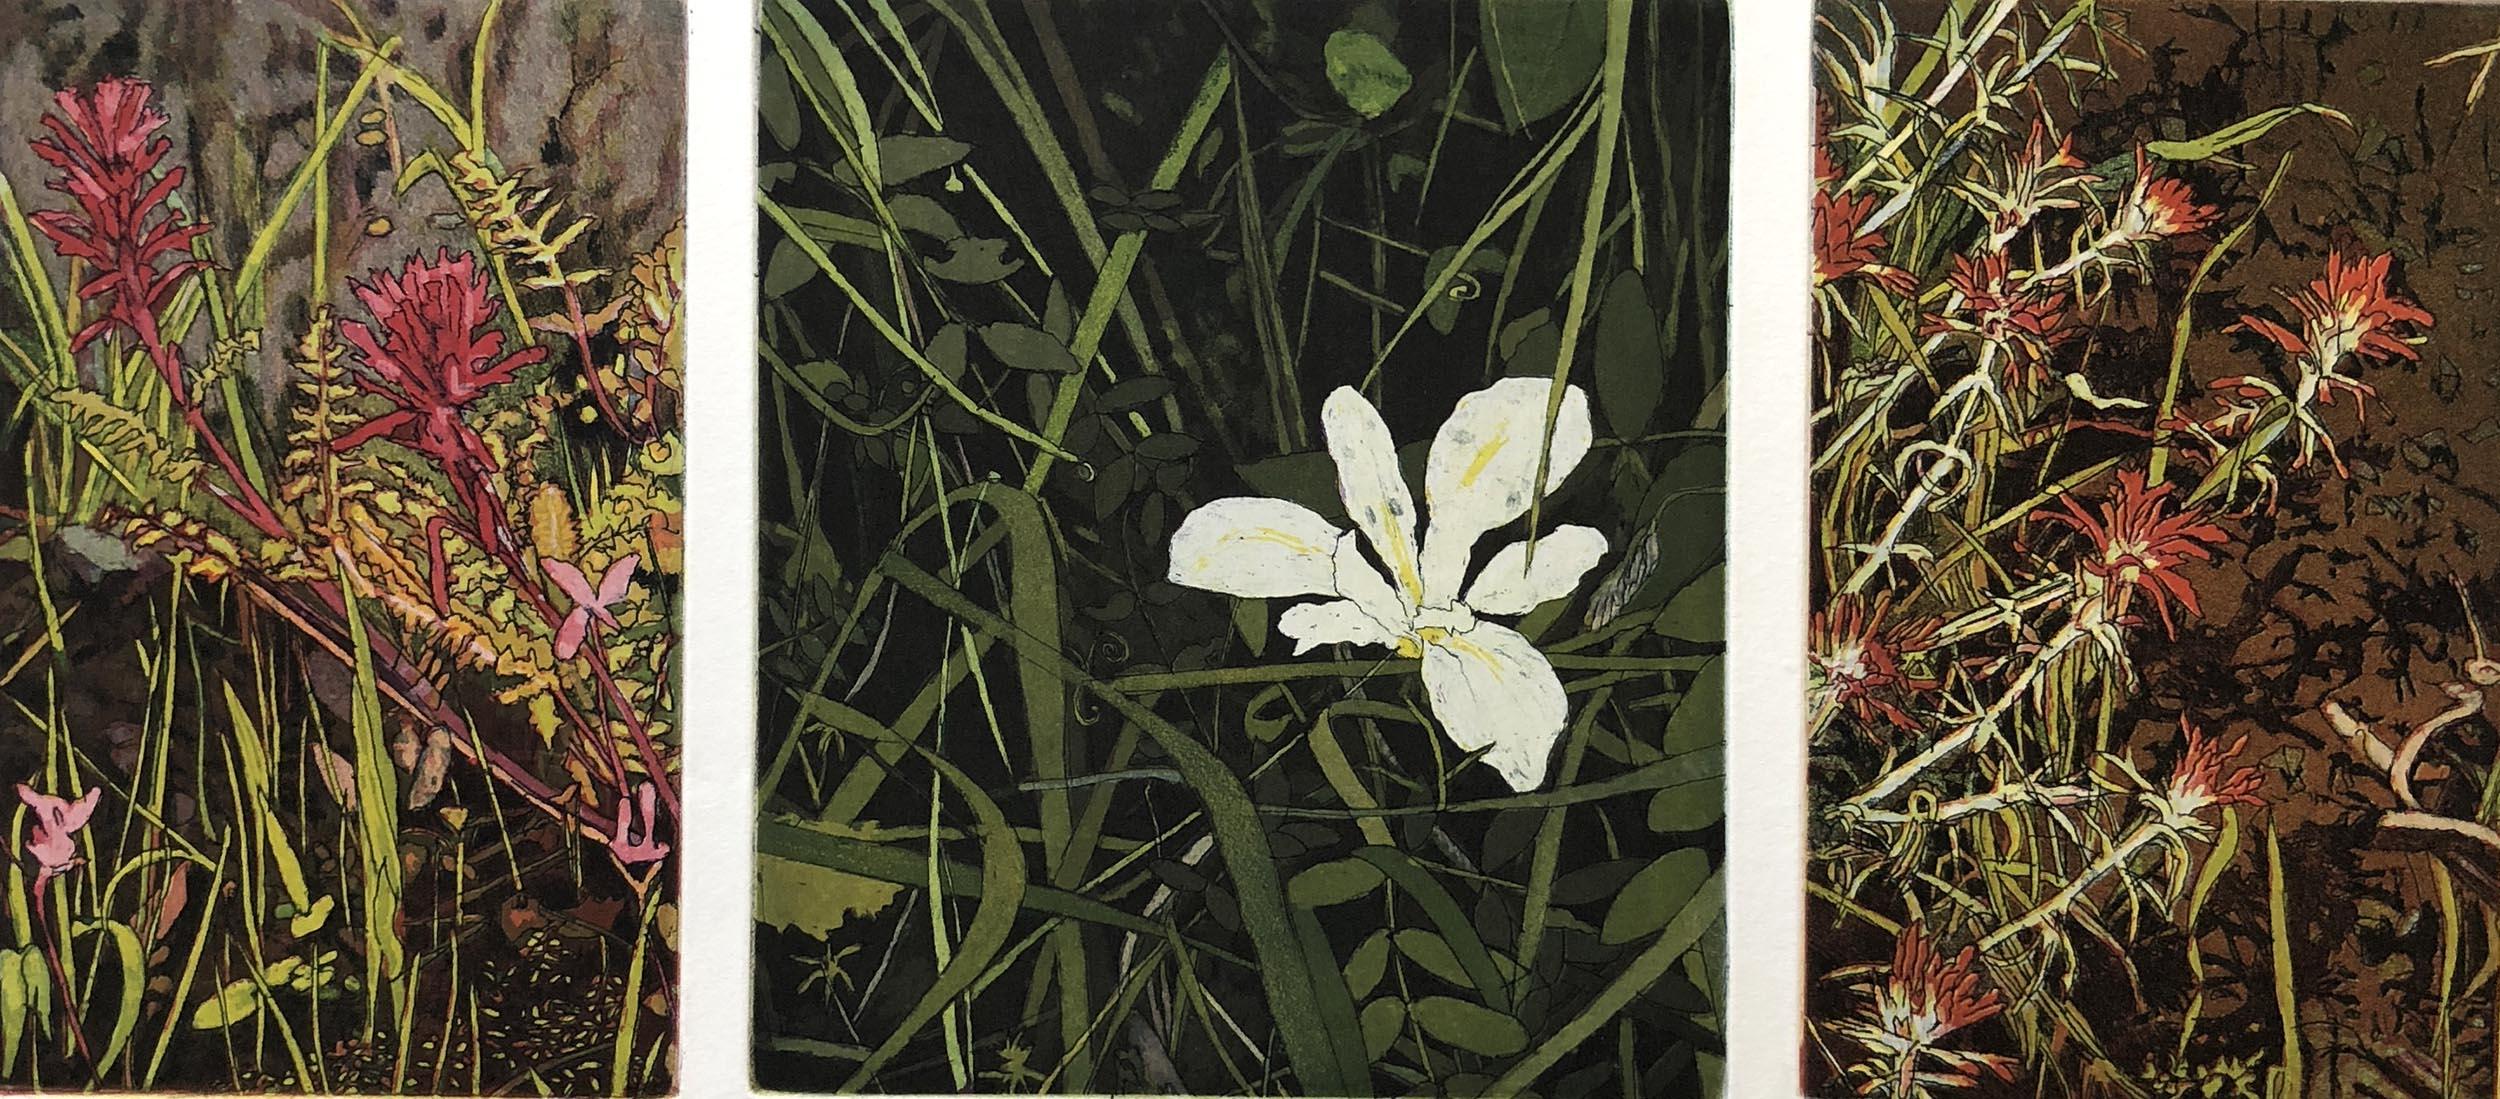 Marin Wildflowers